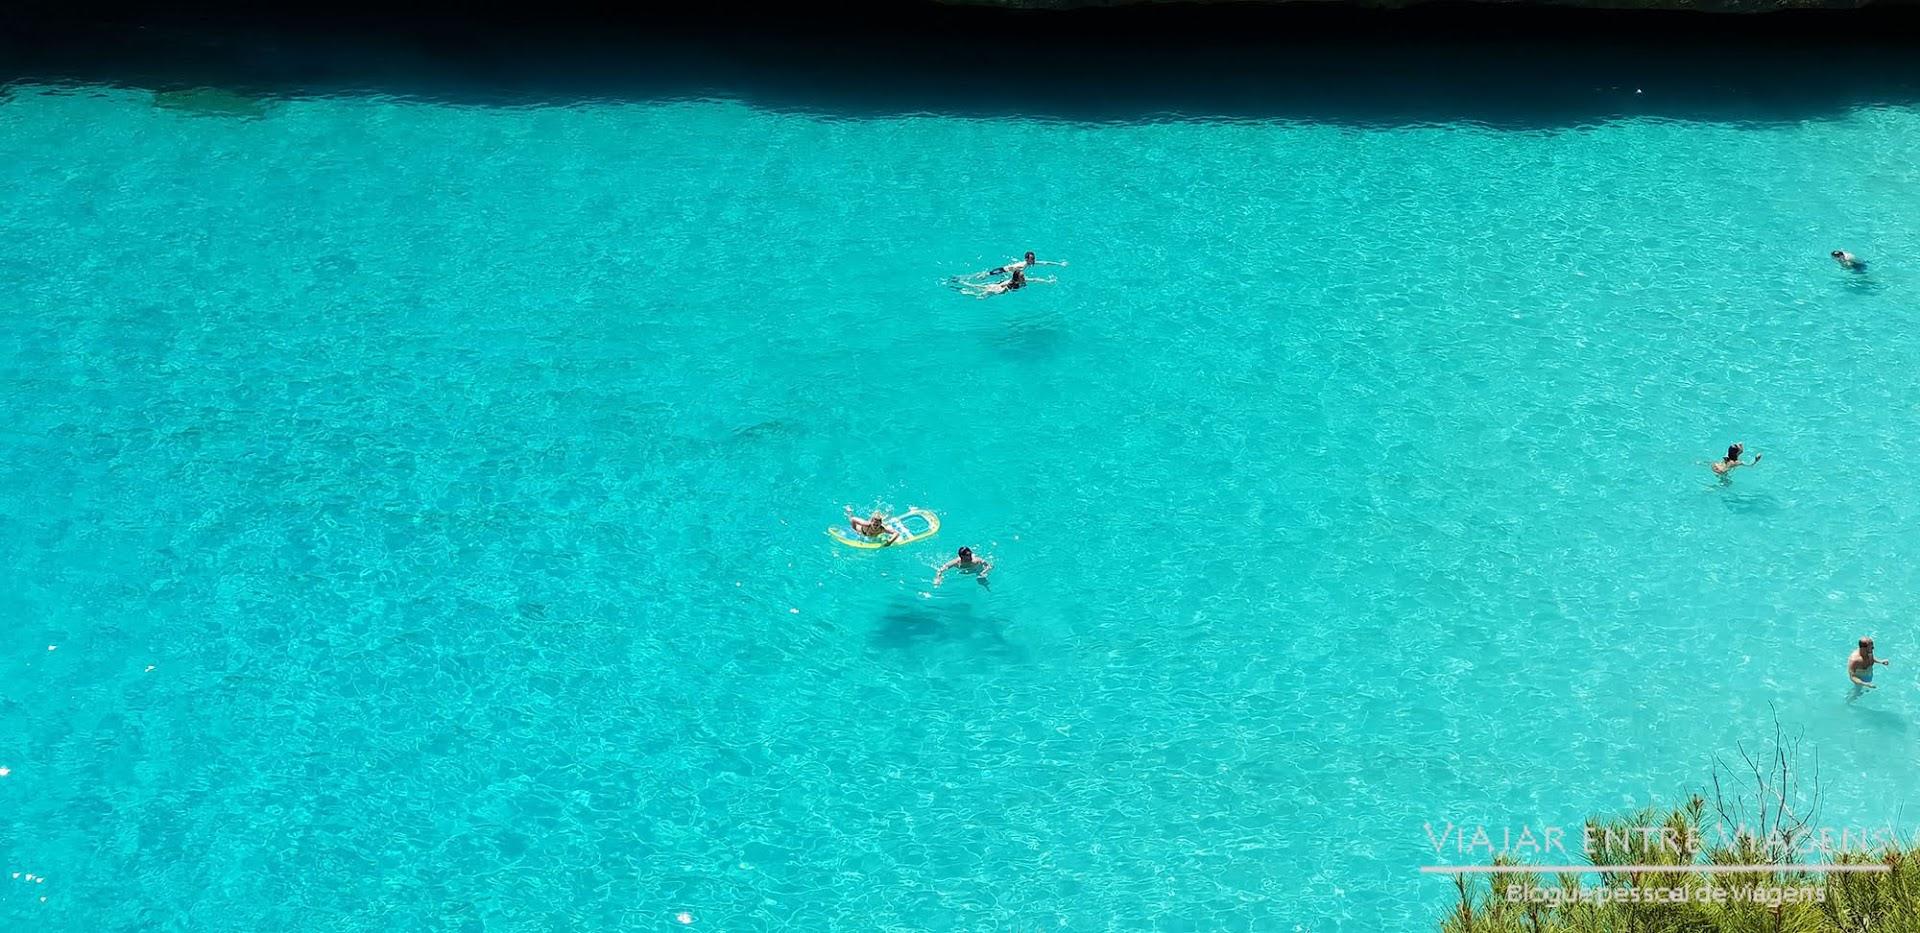 MAIORCA - As melhores praias da ilha, o que visitar, ver e fazer